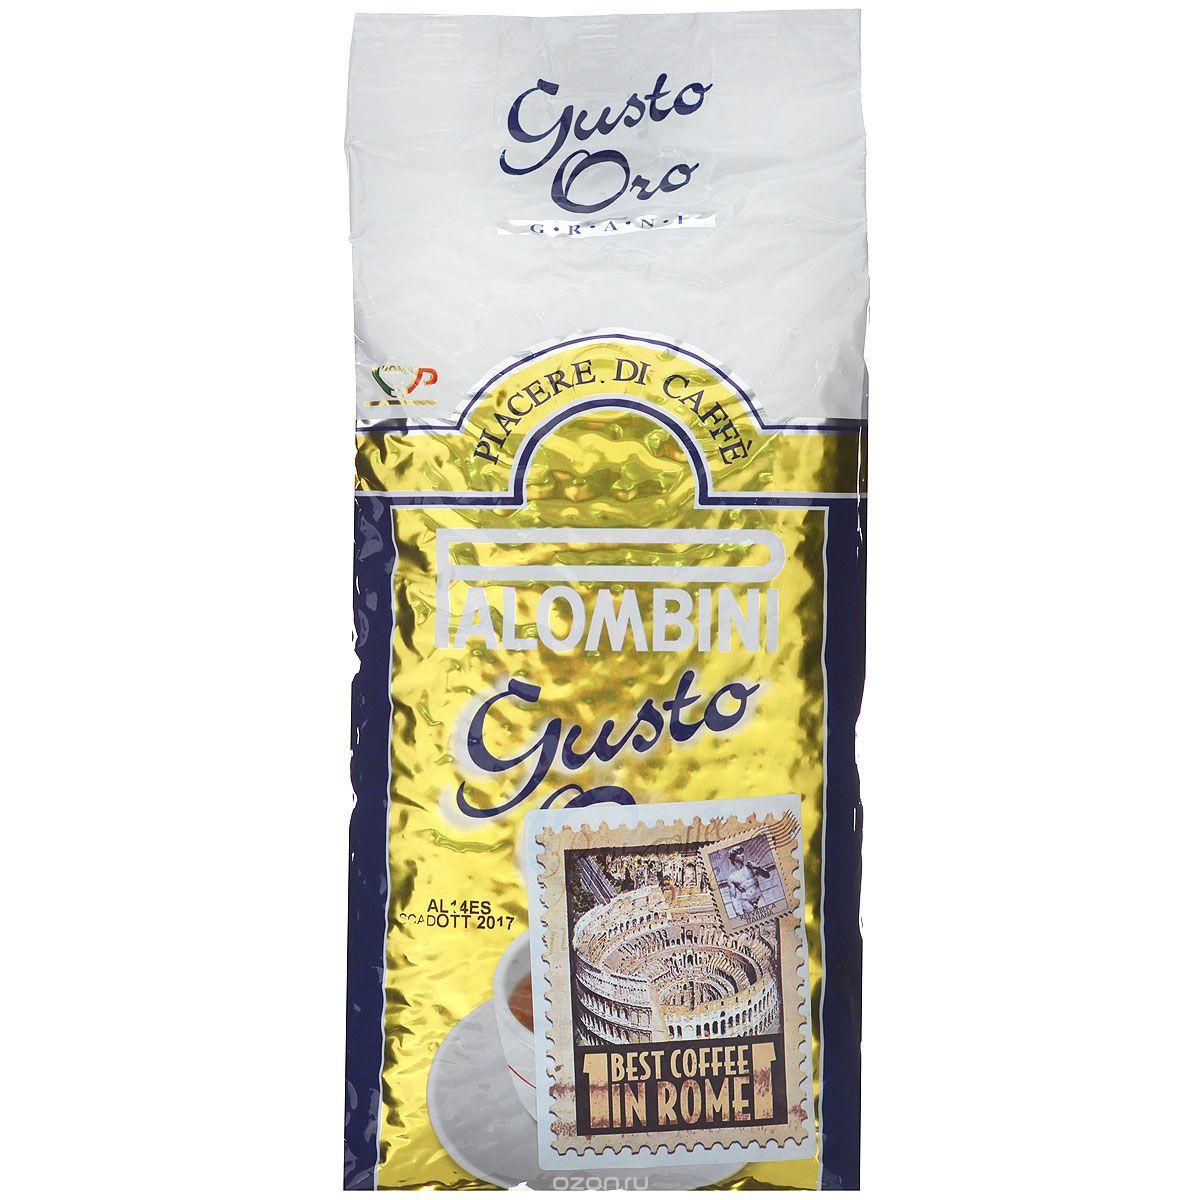 Palombini Gusto Oro кофе в зернах, 1 кг101246Натуральный жареный кофе в зернах Palombini Gusto Oro, высший сорт. Неповторимый аромат лучшего итальянского эспрессо принесет Вам отличное насторение!Рекомендуется для приготовления: эспрессо, капучино, лунго. Смесь содержит 95% арабики и 5% робусты.